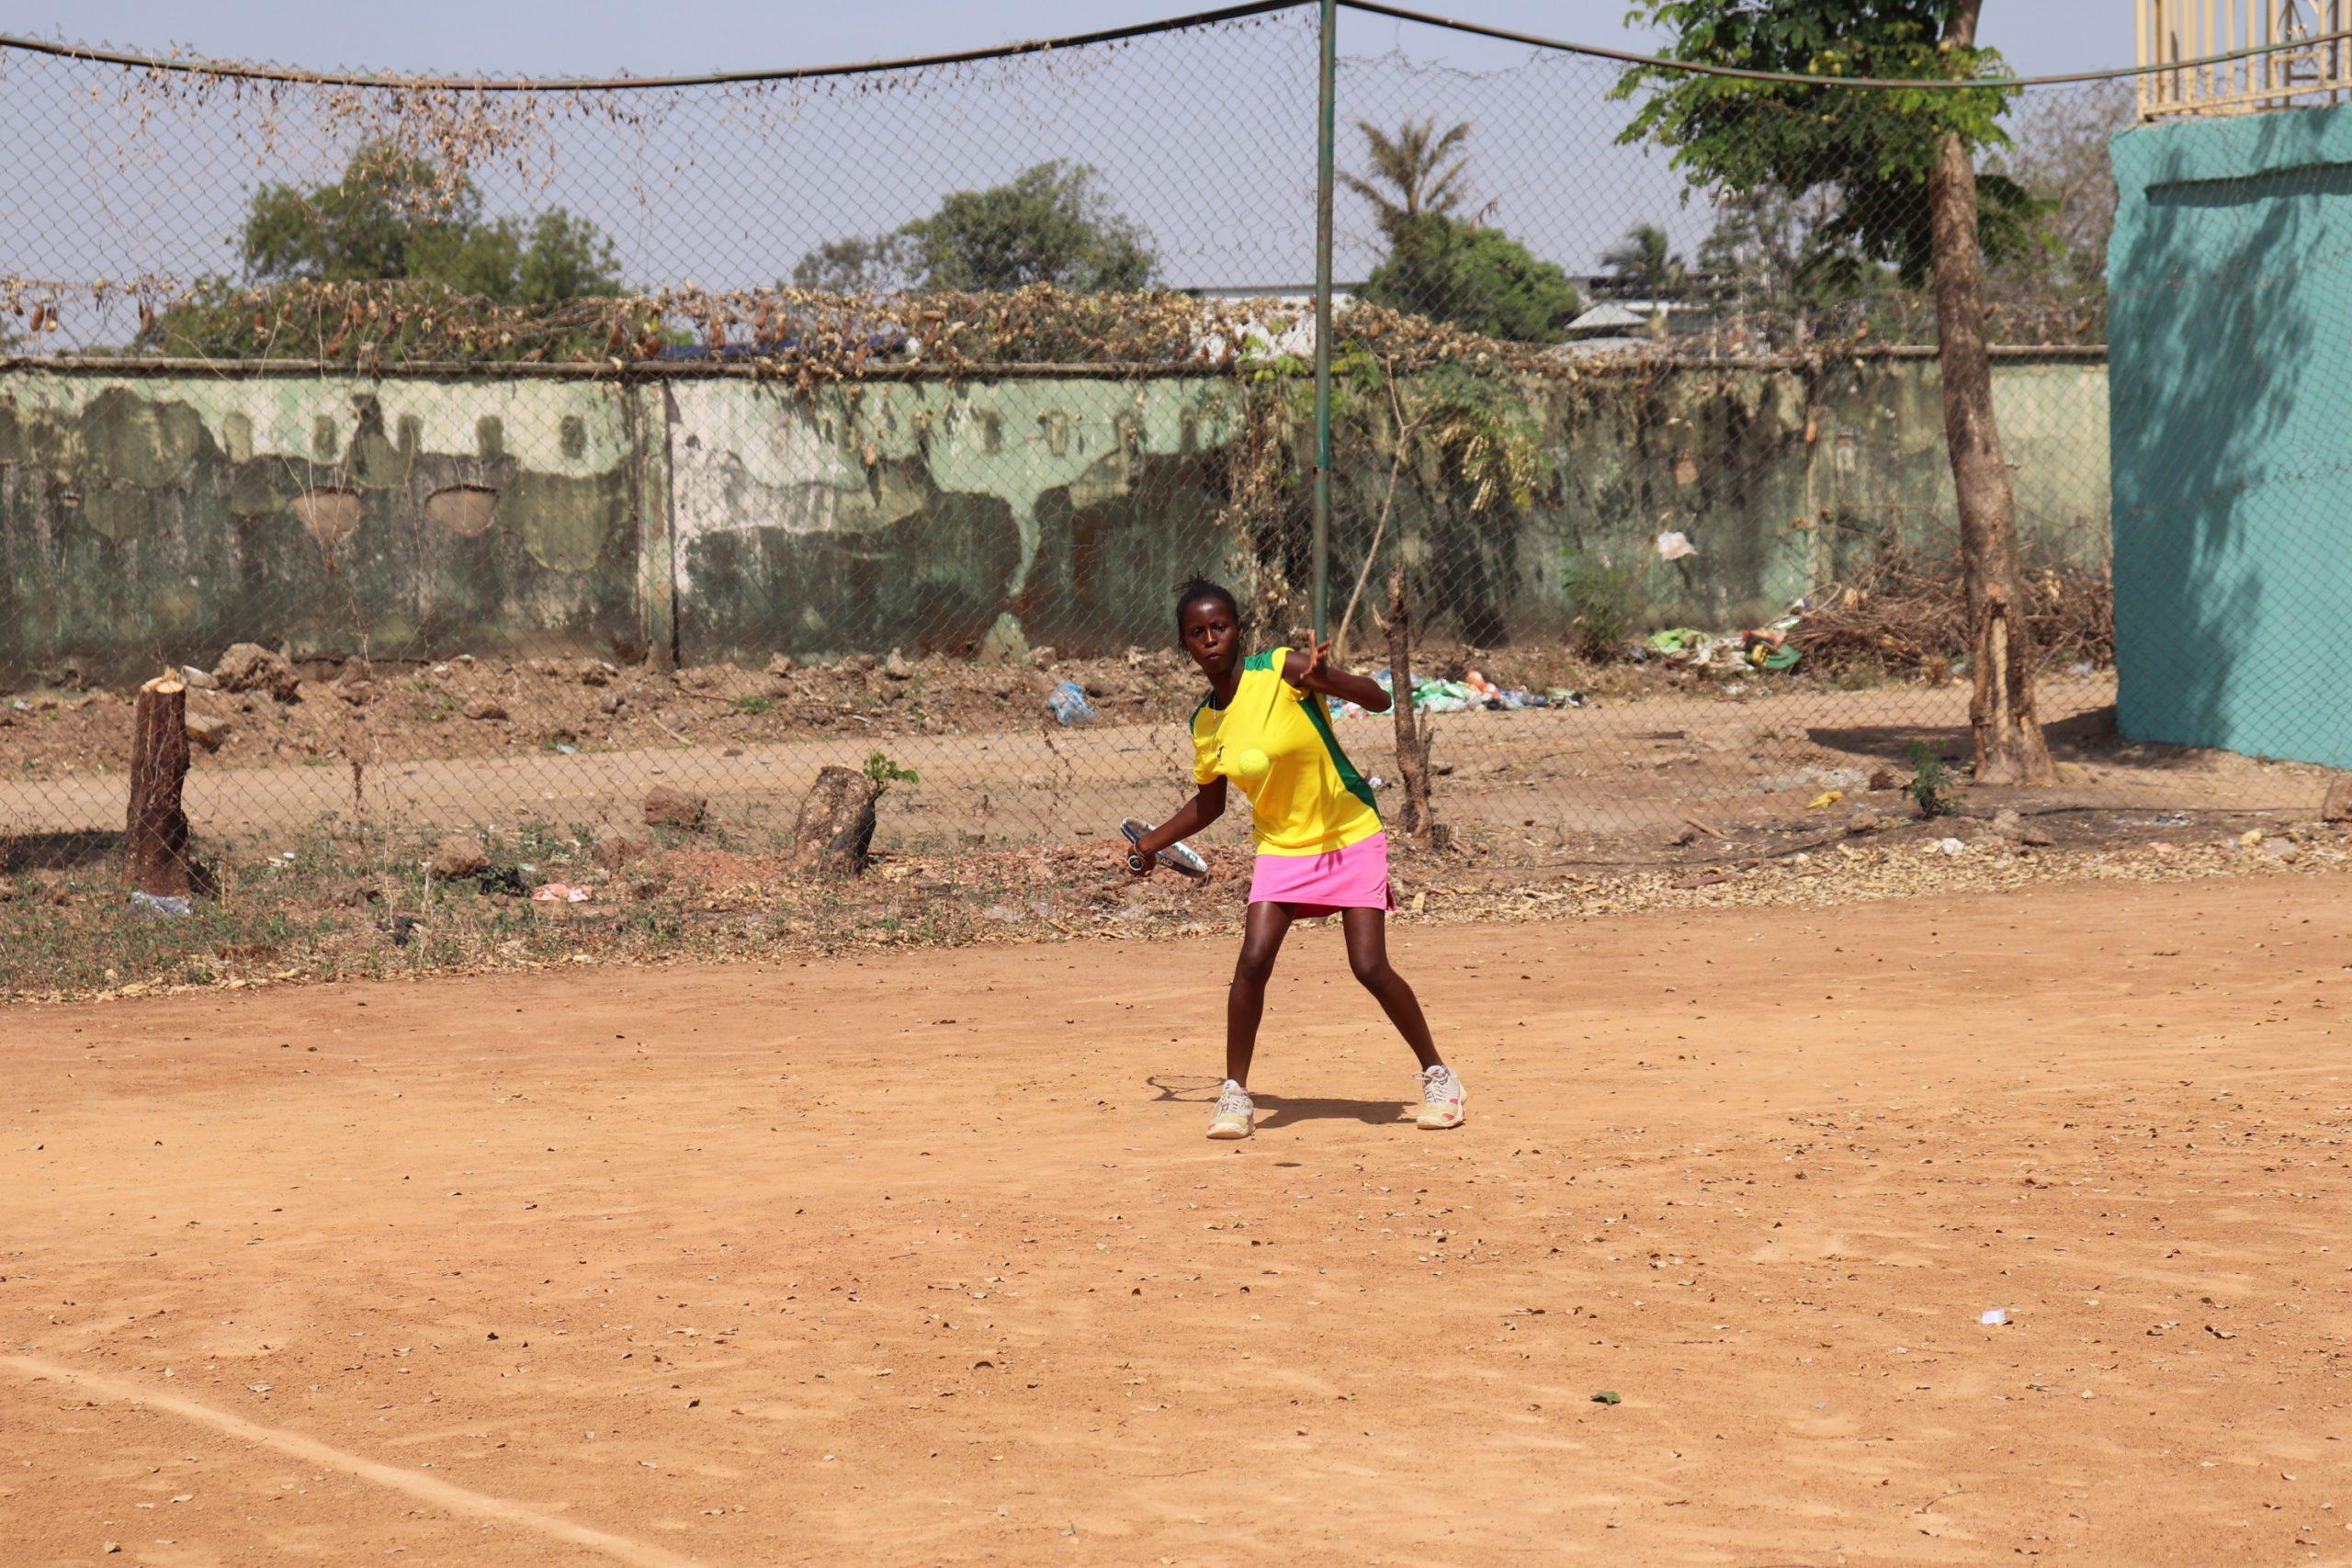 Kaduna Clay Court: Imole Afolabi, Mary Udofa, Claim Victory to reach last 4